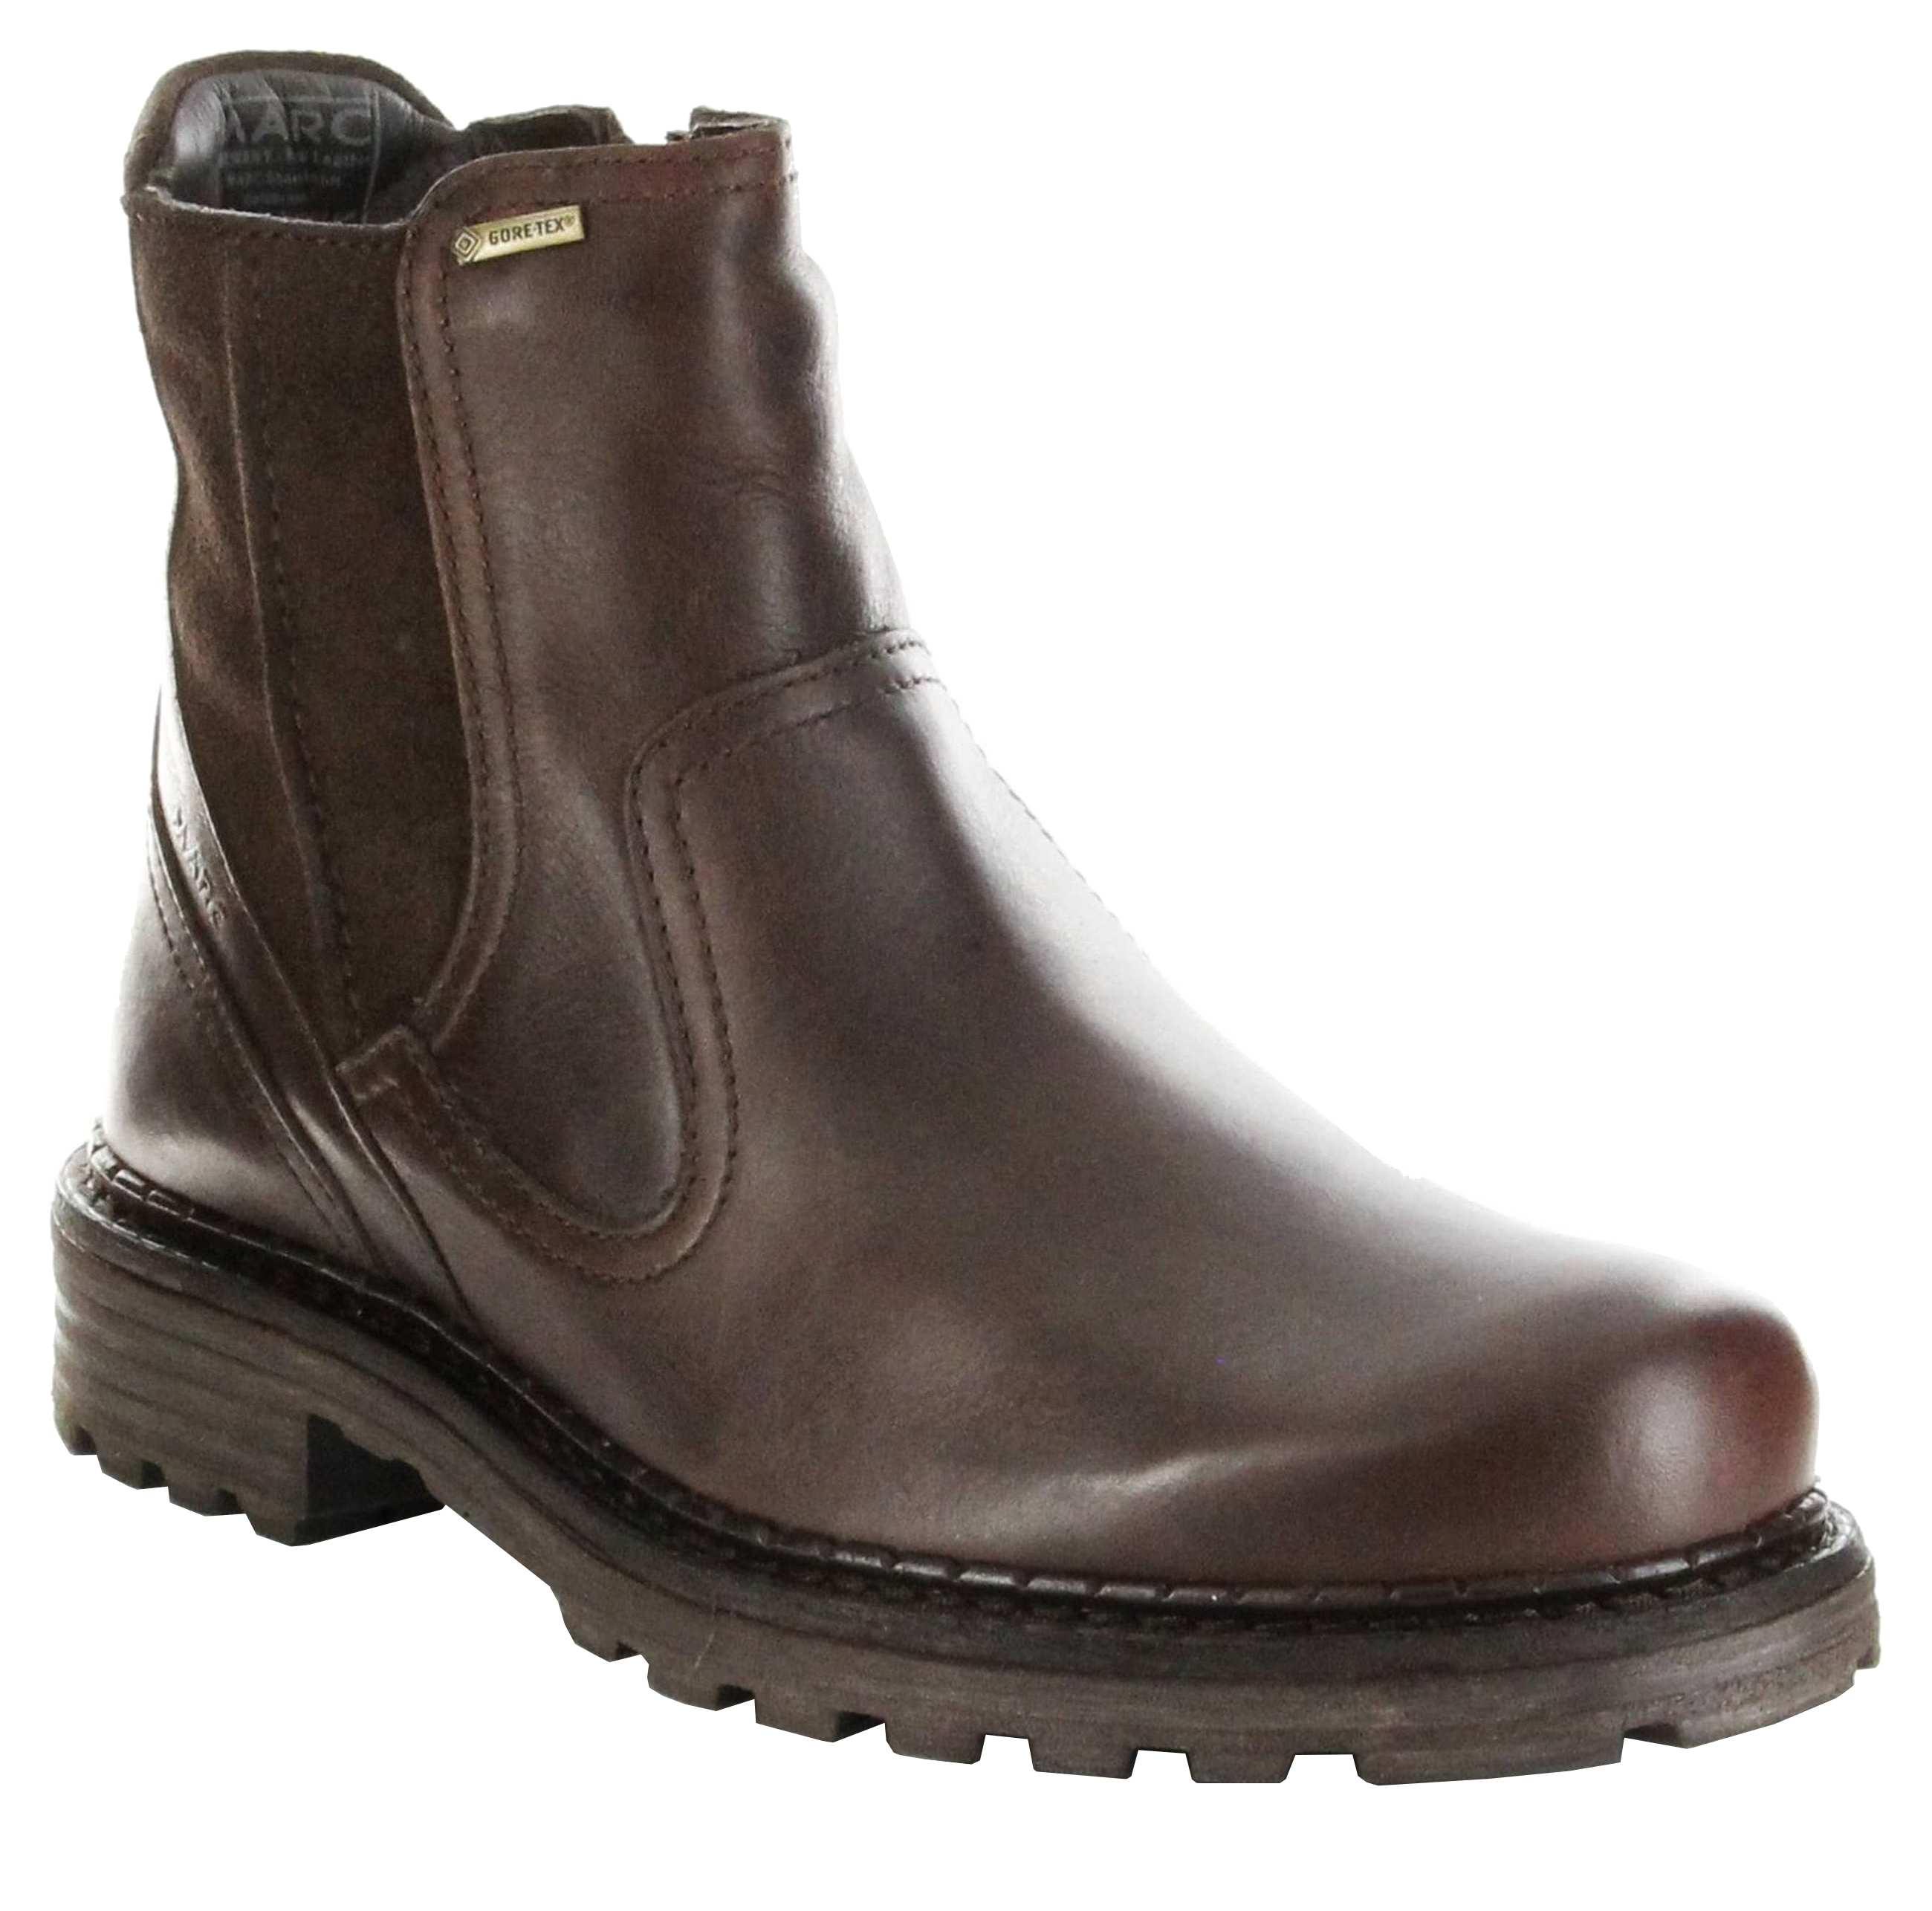 zuverlässige Leistung online zum Verkauf erstklassiges echtes Marc Stiefel Boots braun Leder Warm Herren Schuhe GORE Paul 1.237.04-57  t.d.moro